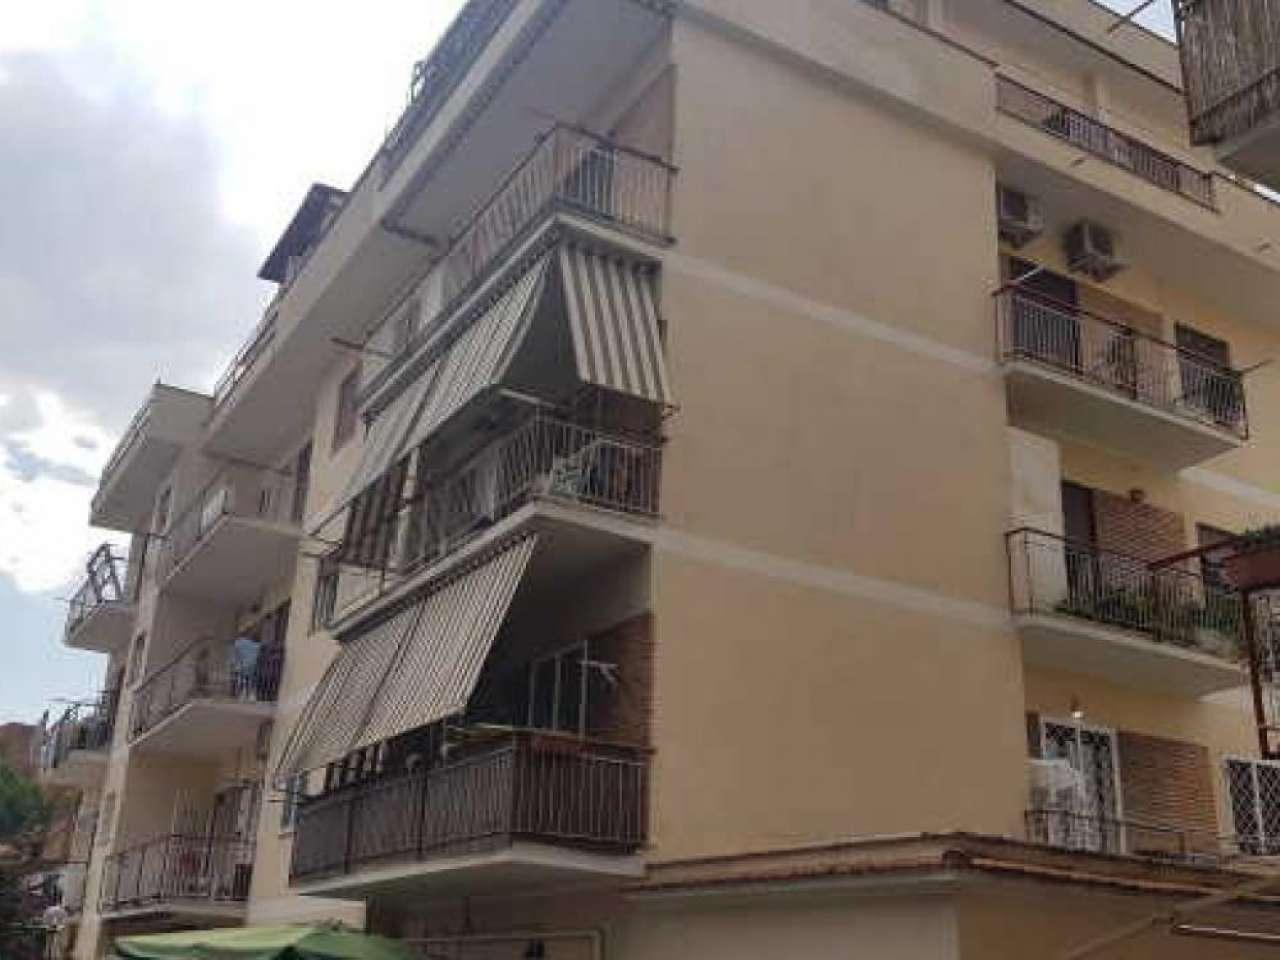 Appartamento in vendita a Roma, 3 locali, zona Zona: 9 . Prenestino, Collatino, Tor Sapienza, Torre Spaccata, Tor Tre Teste, Torre Maura, prezzo € 175.000 | CambioCasa.it